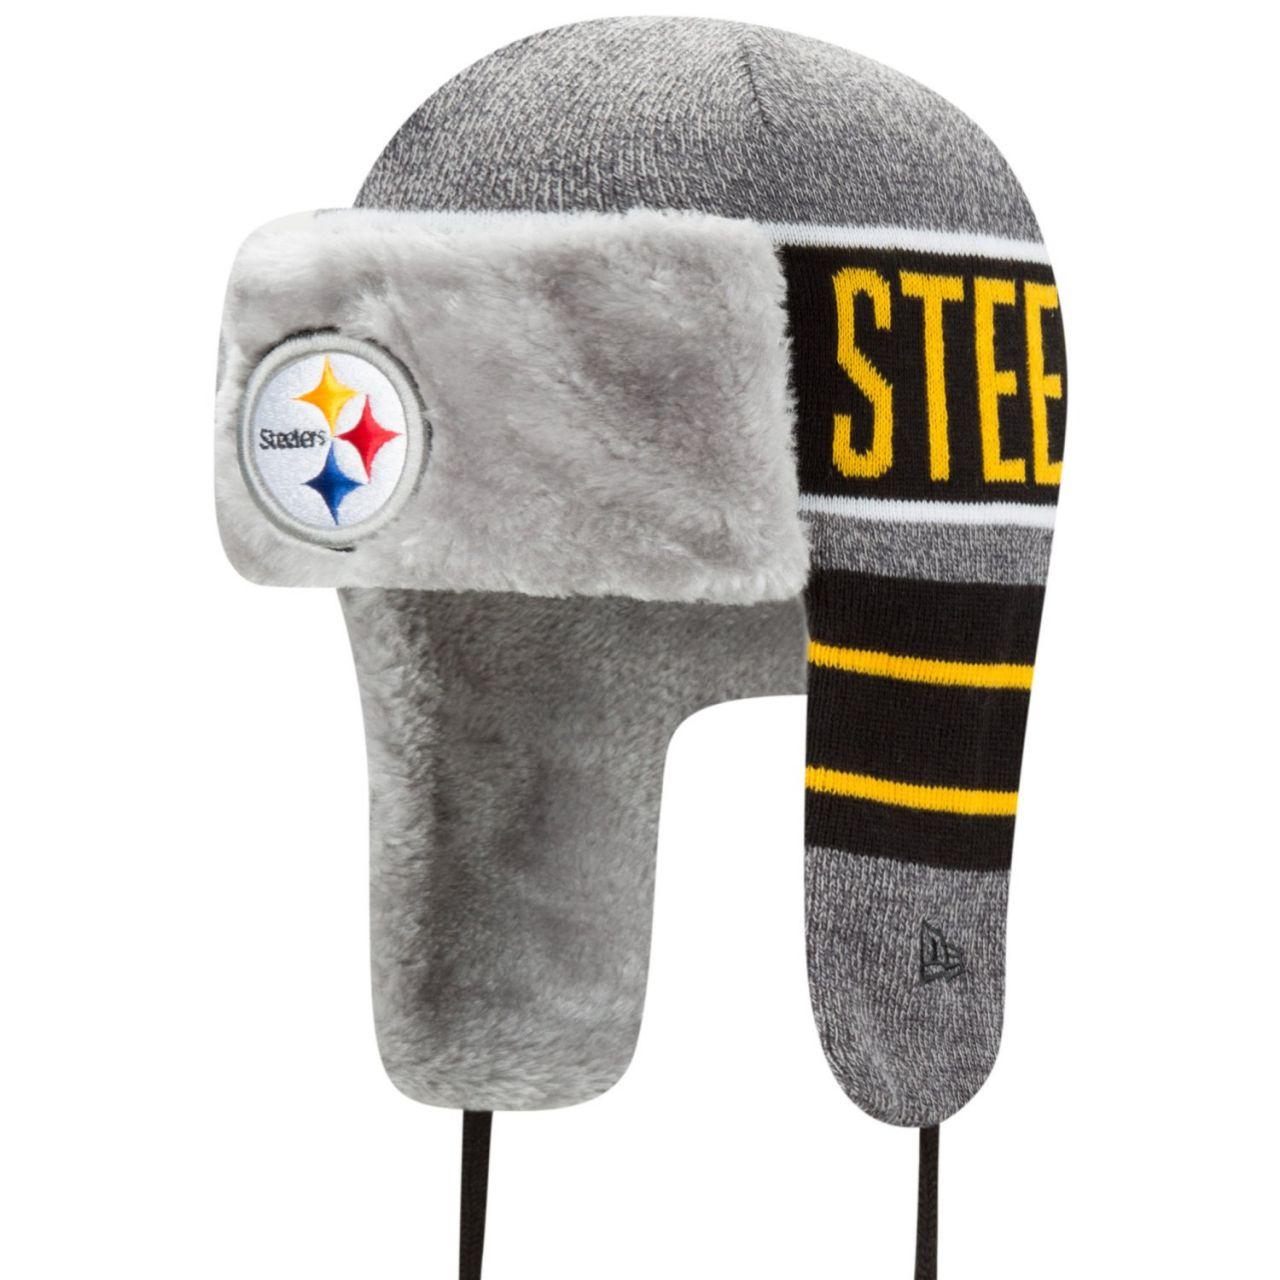 amfoo - New Era Wintermütze FROSTY TRAPPER - Pittsburgh Steelers